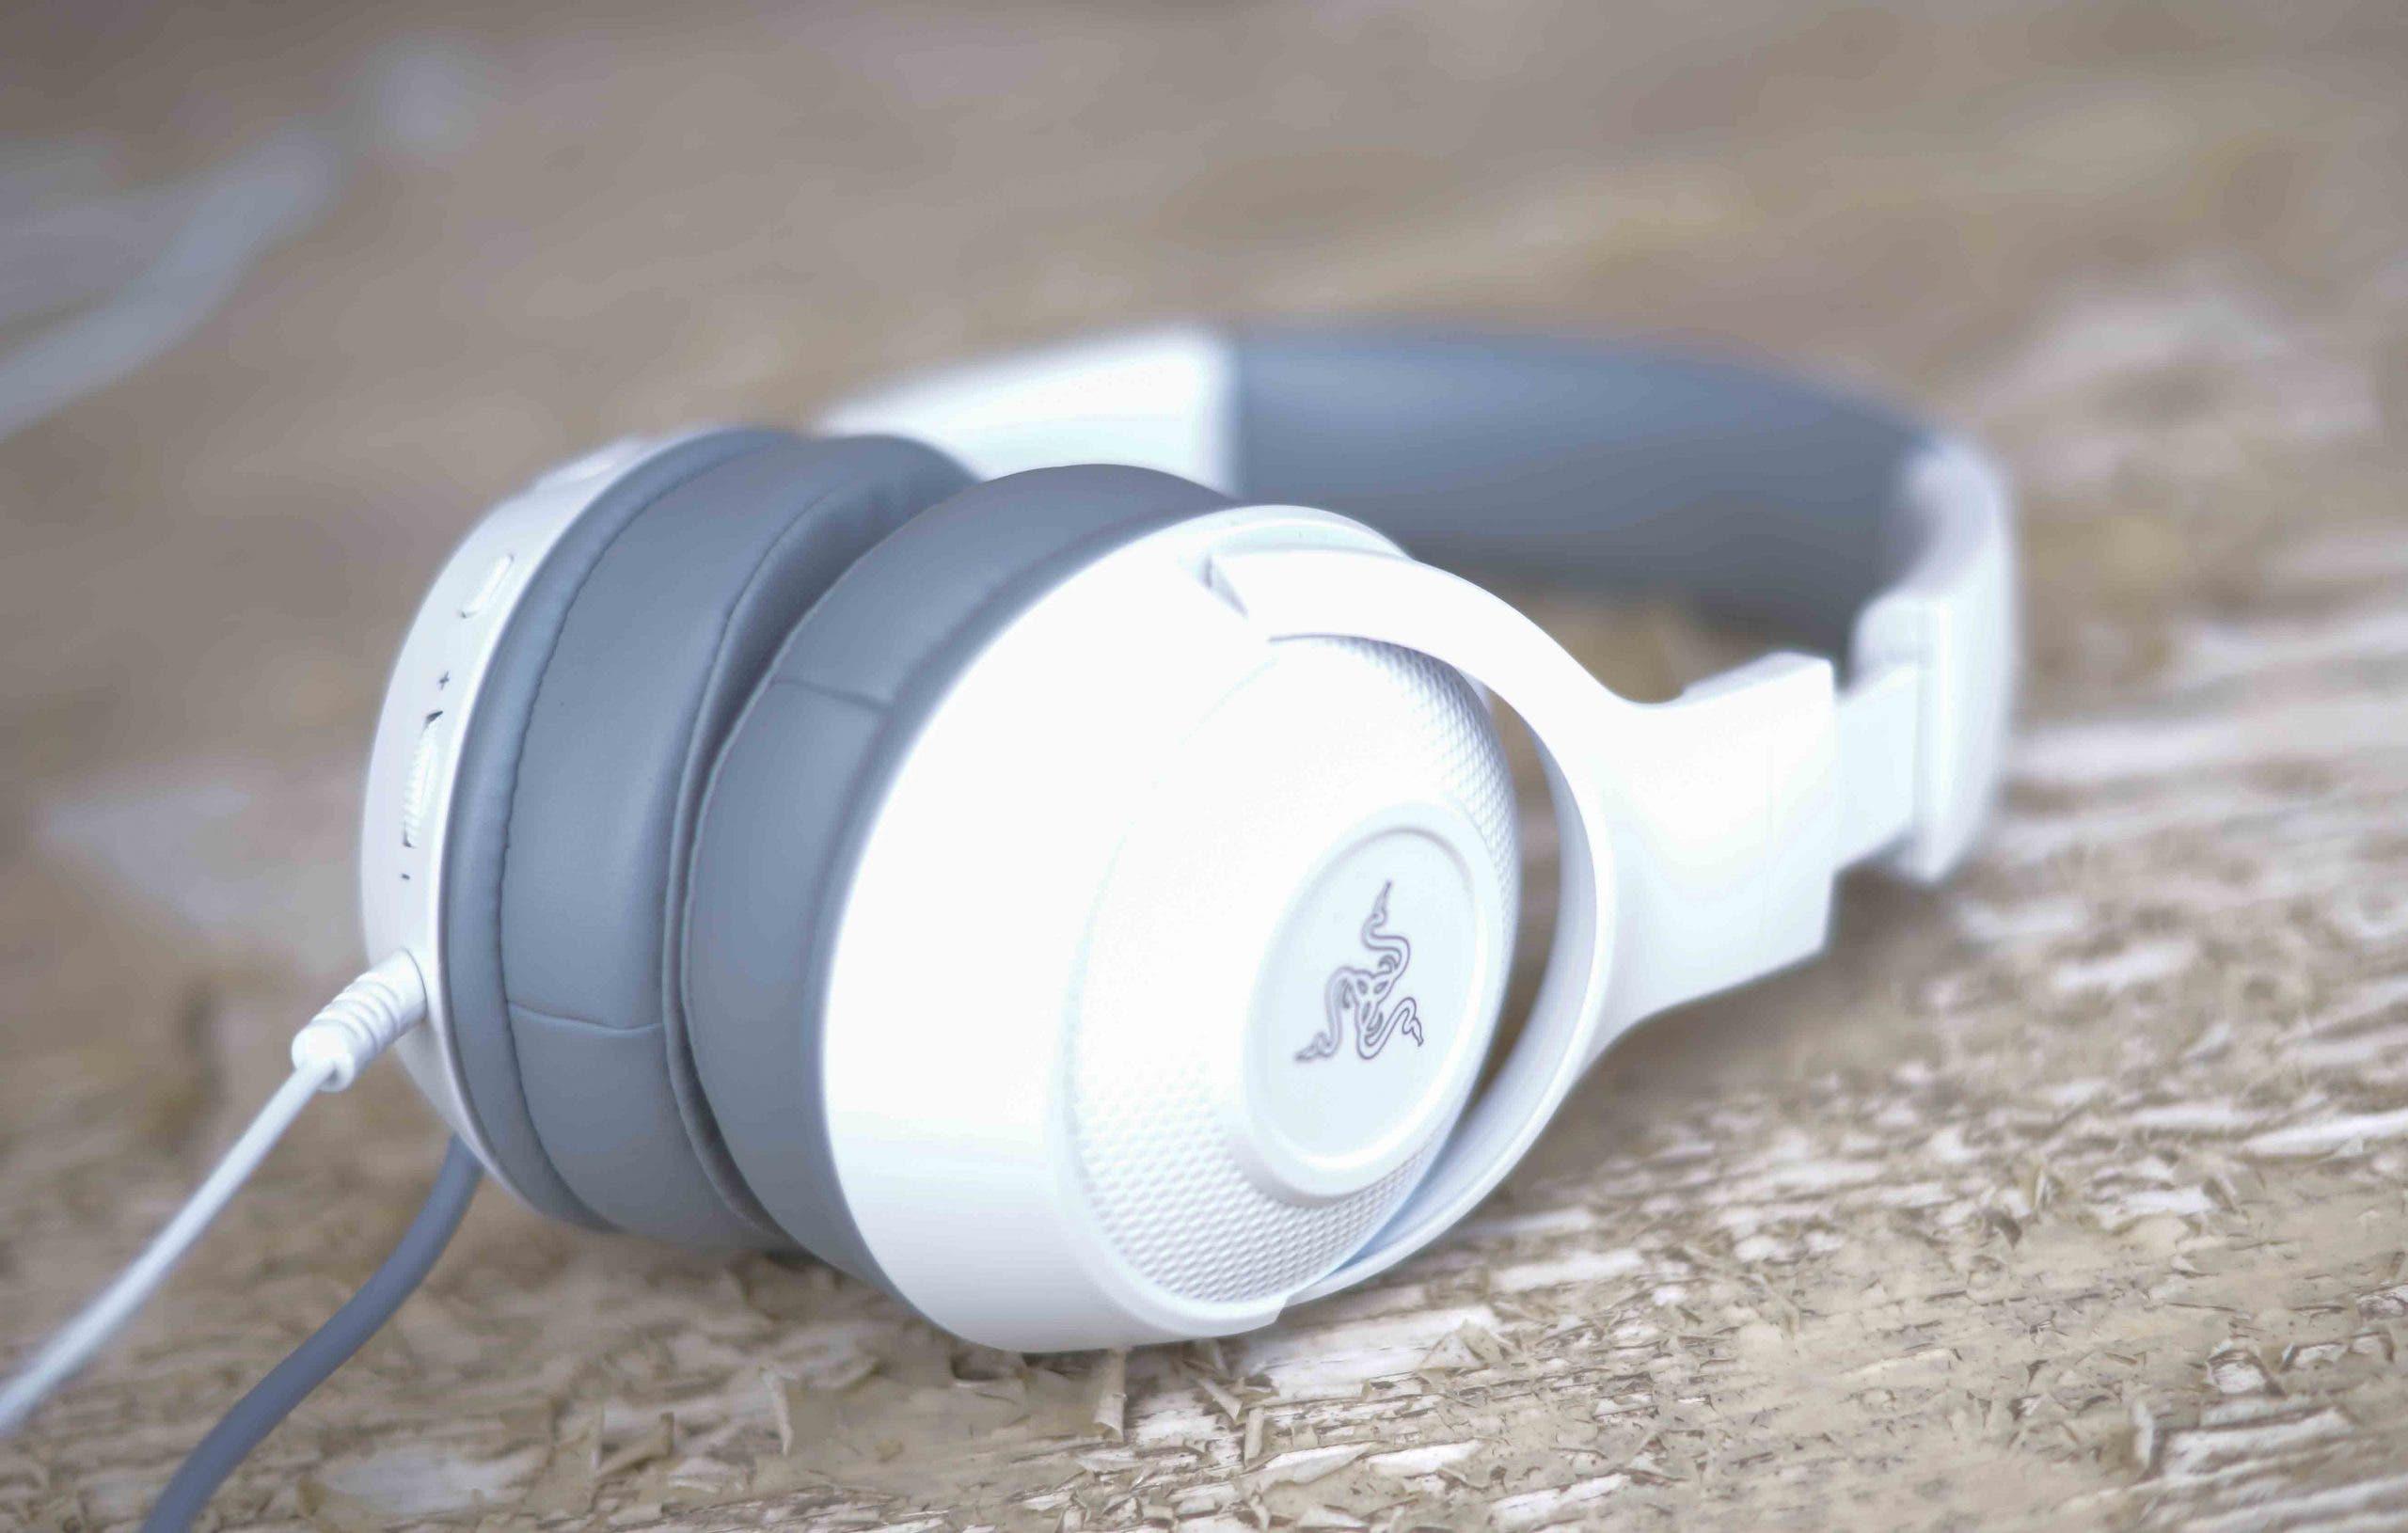 Análisis de los auriculares Razer Kraken X Mercury 4